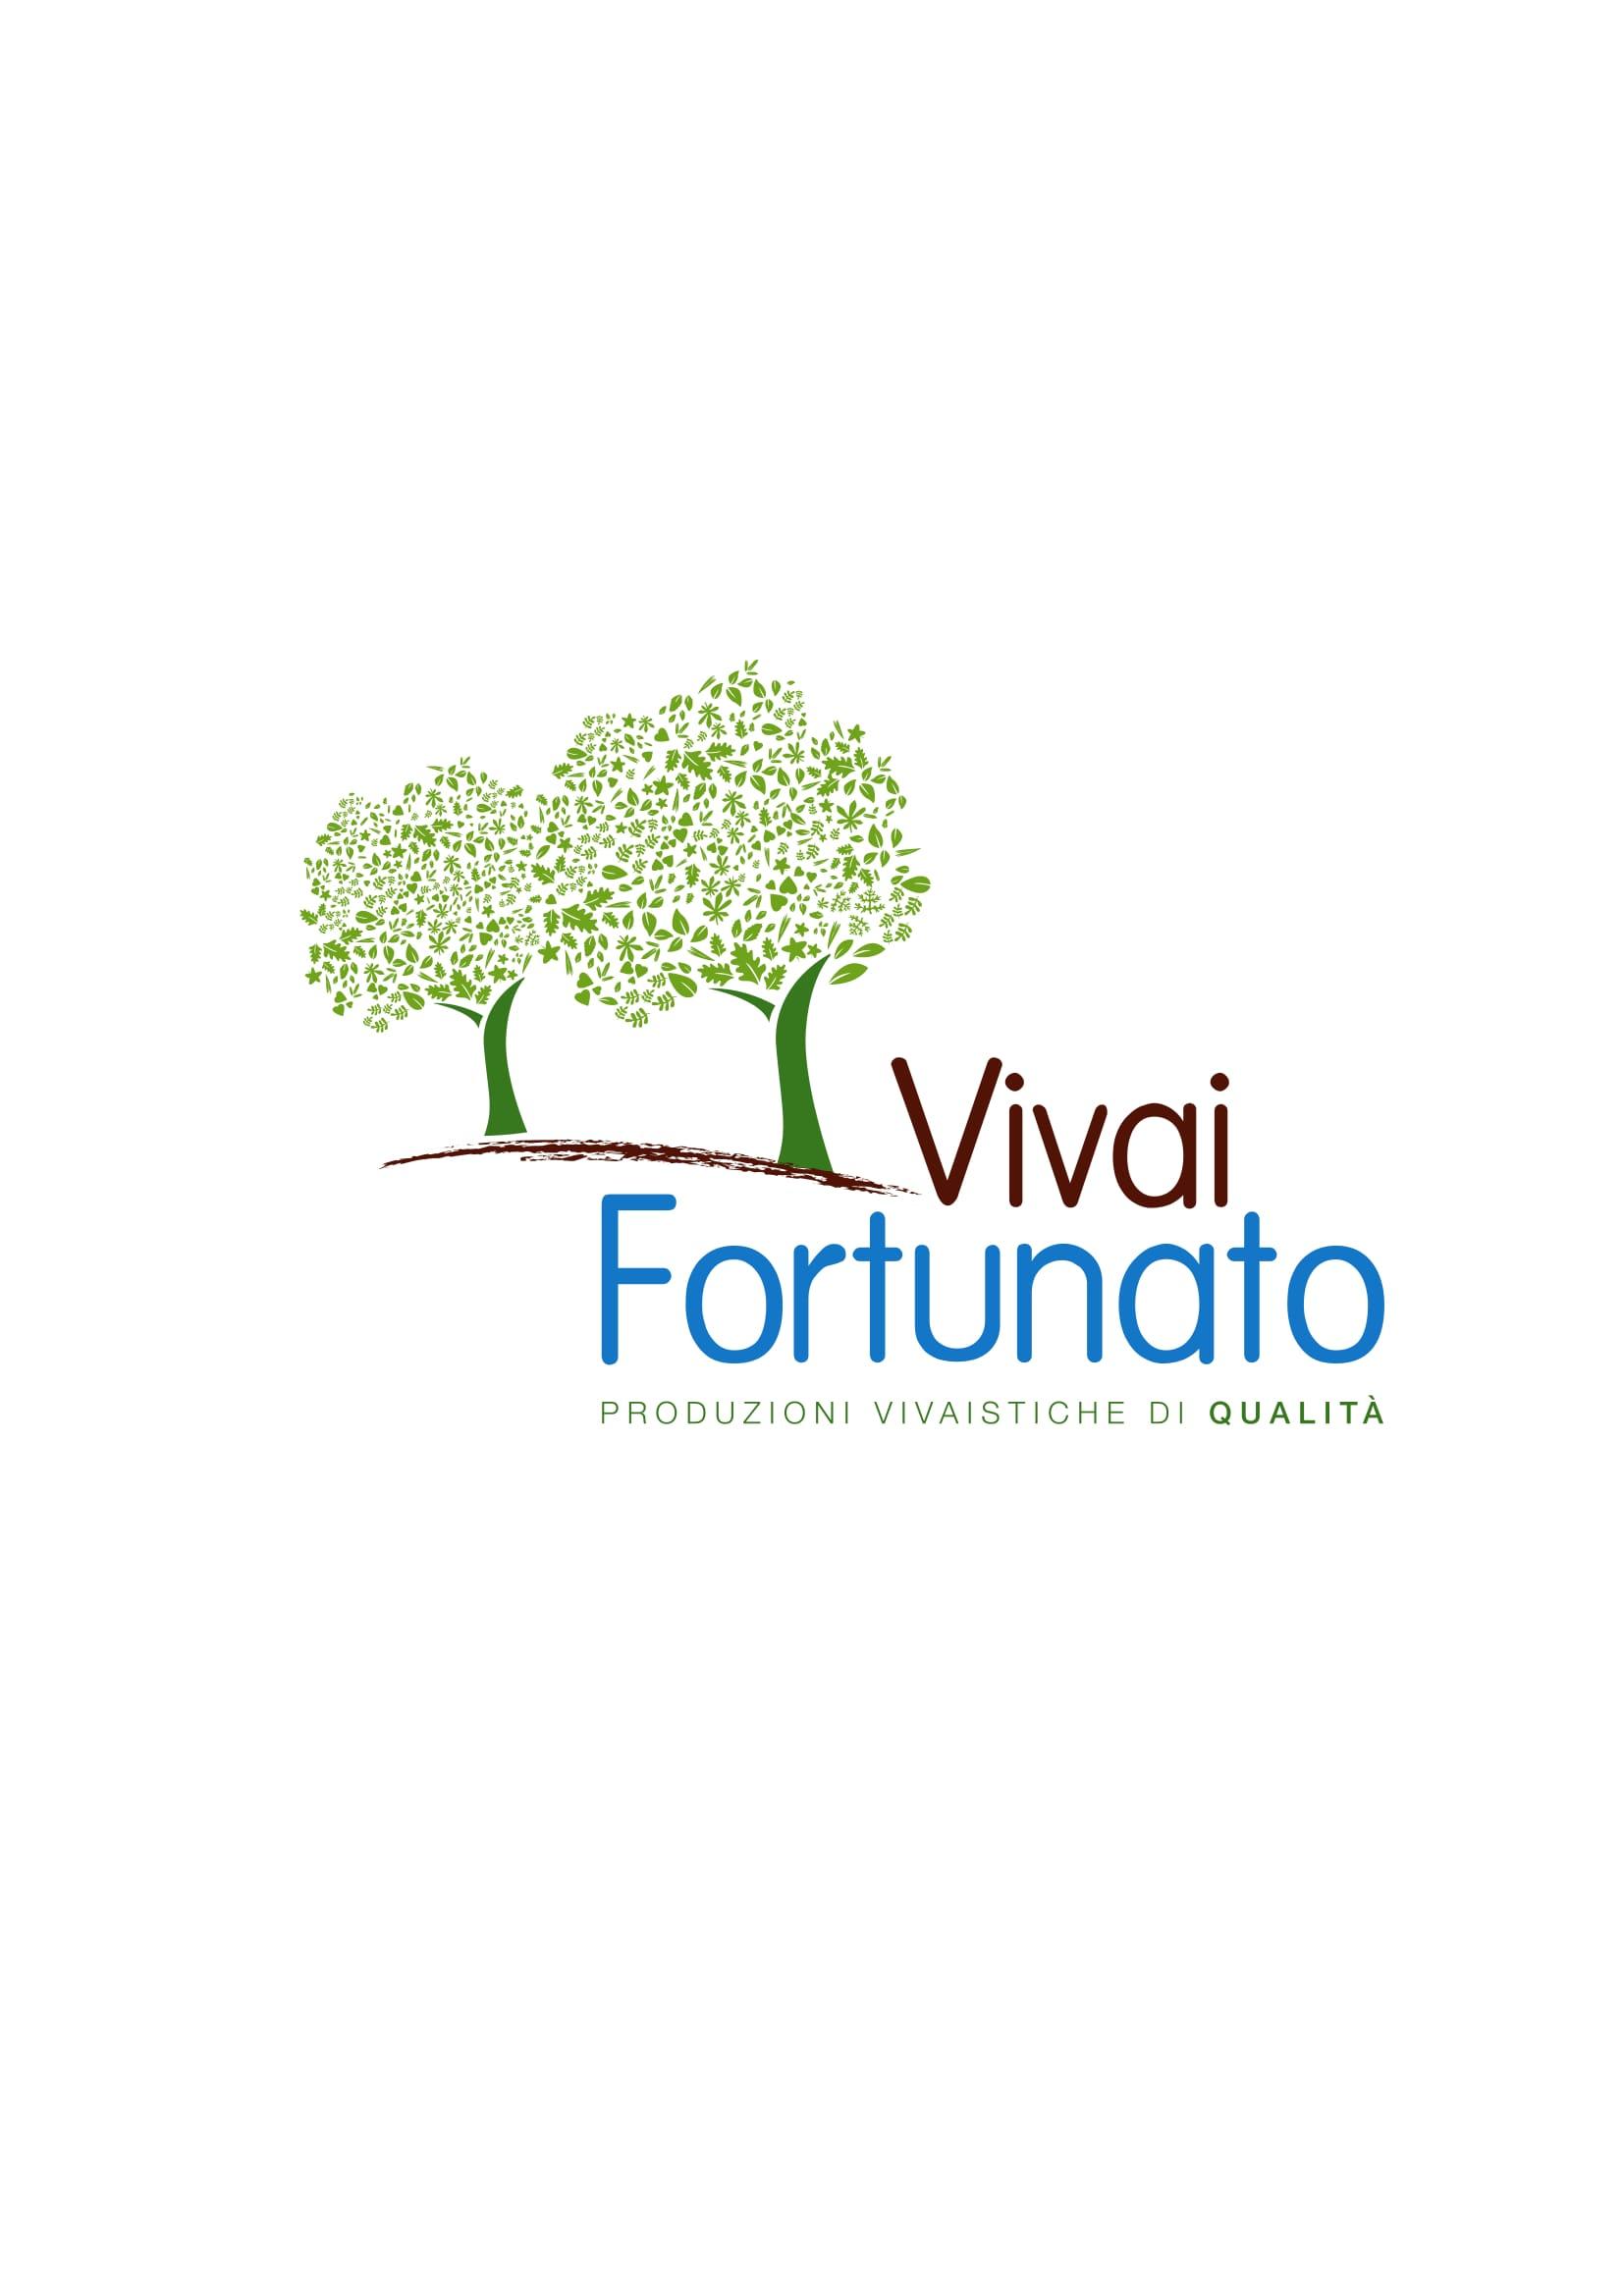 Vivai Piante Fortunato